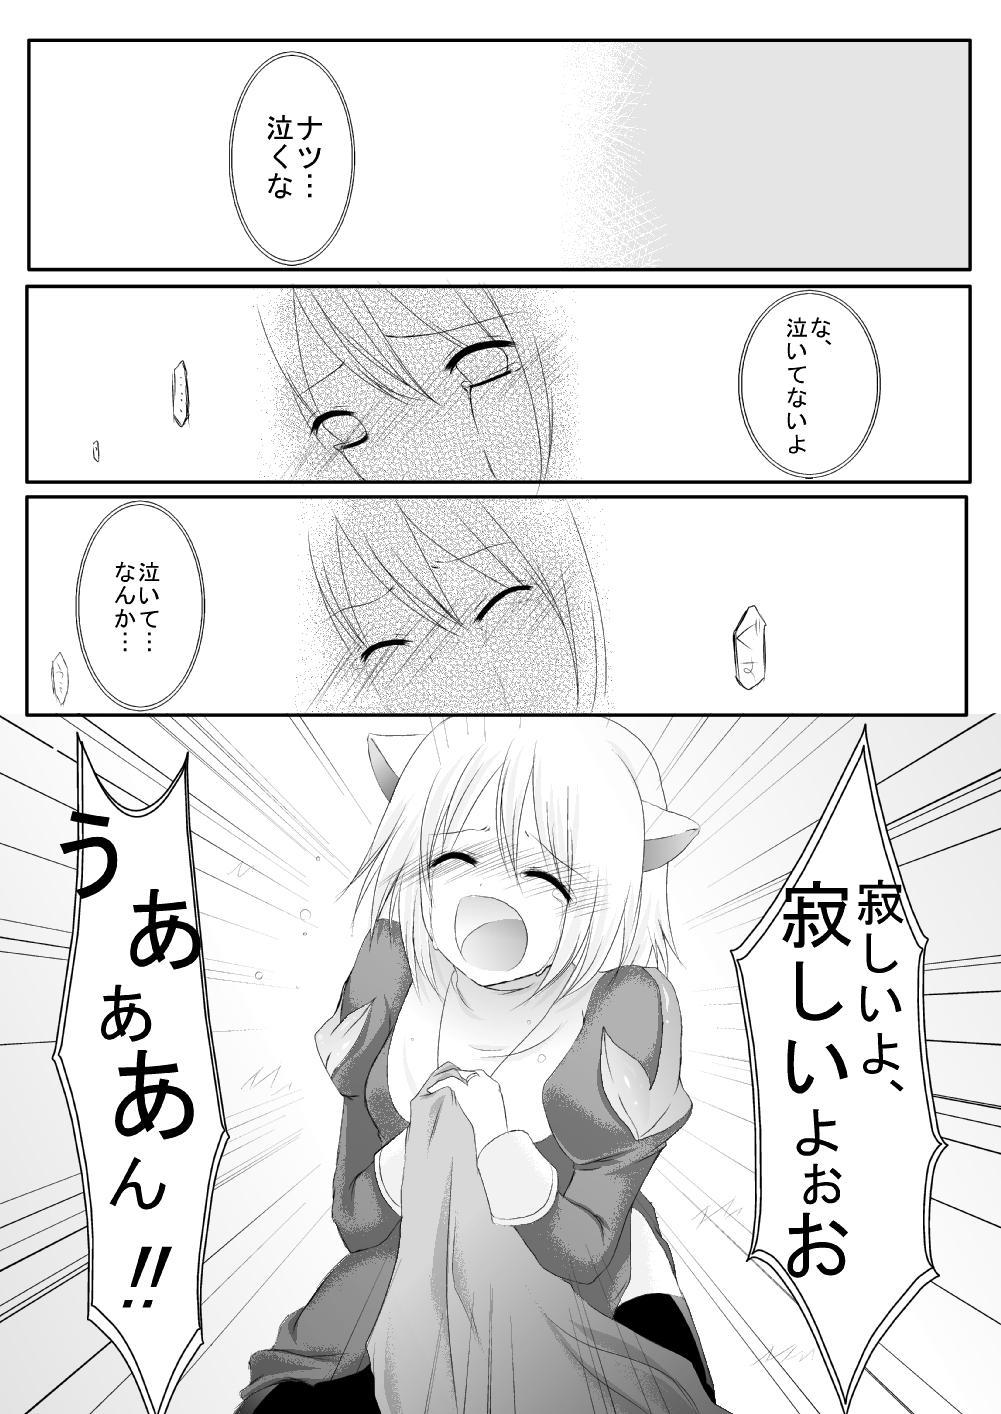 ラ○ナロク素プリ寝取られ本総集編 80